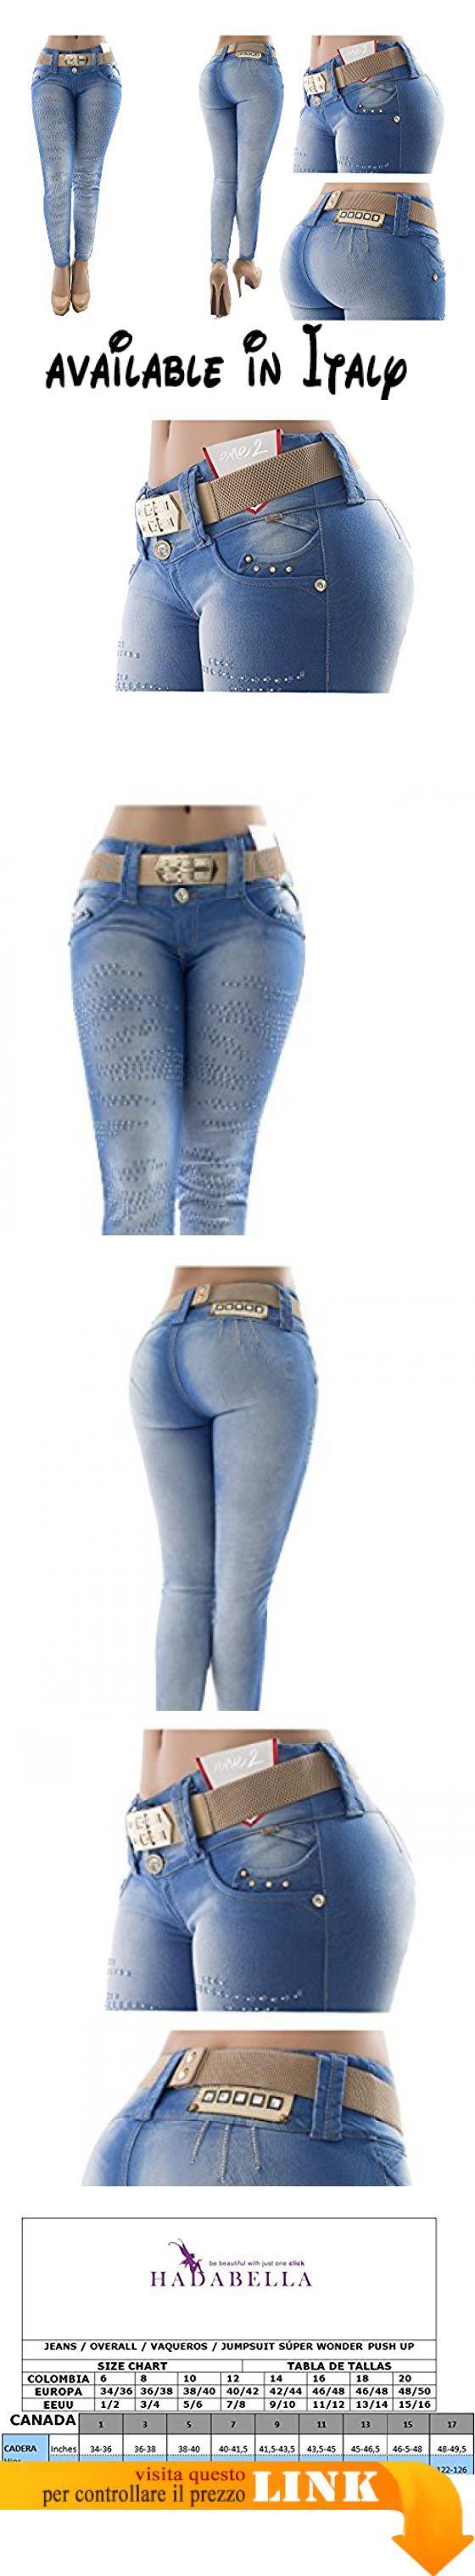 d3d3097f25 B072L9PBPW : I veri! Jeans push up fatto in COLOMBIA senza tasche ...